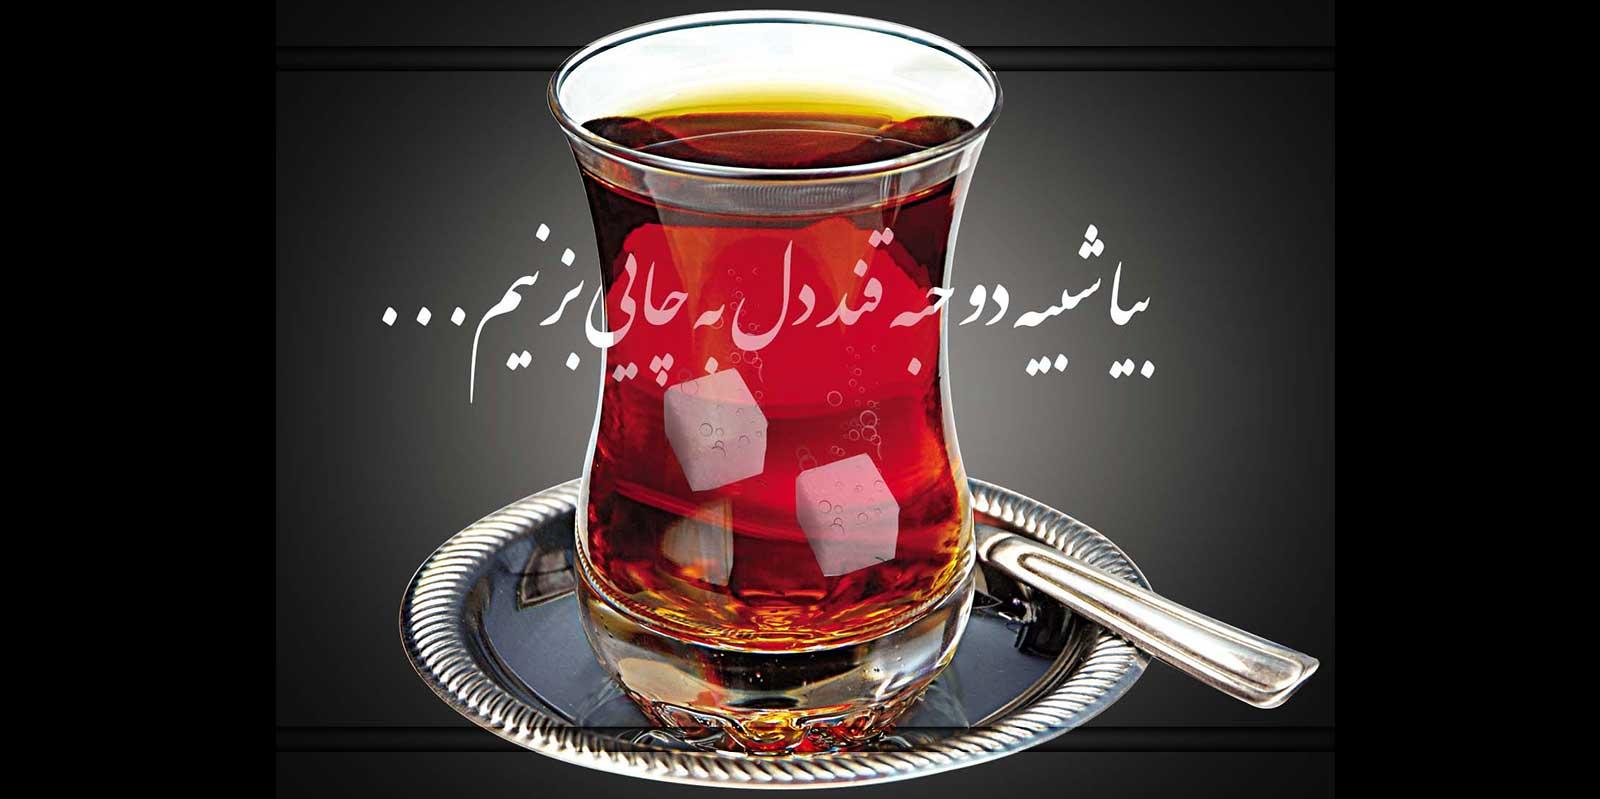 بیا شبیه دو حبه قند دل به چایی بزنیم